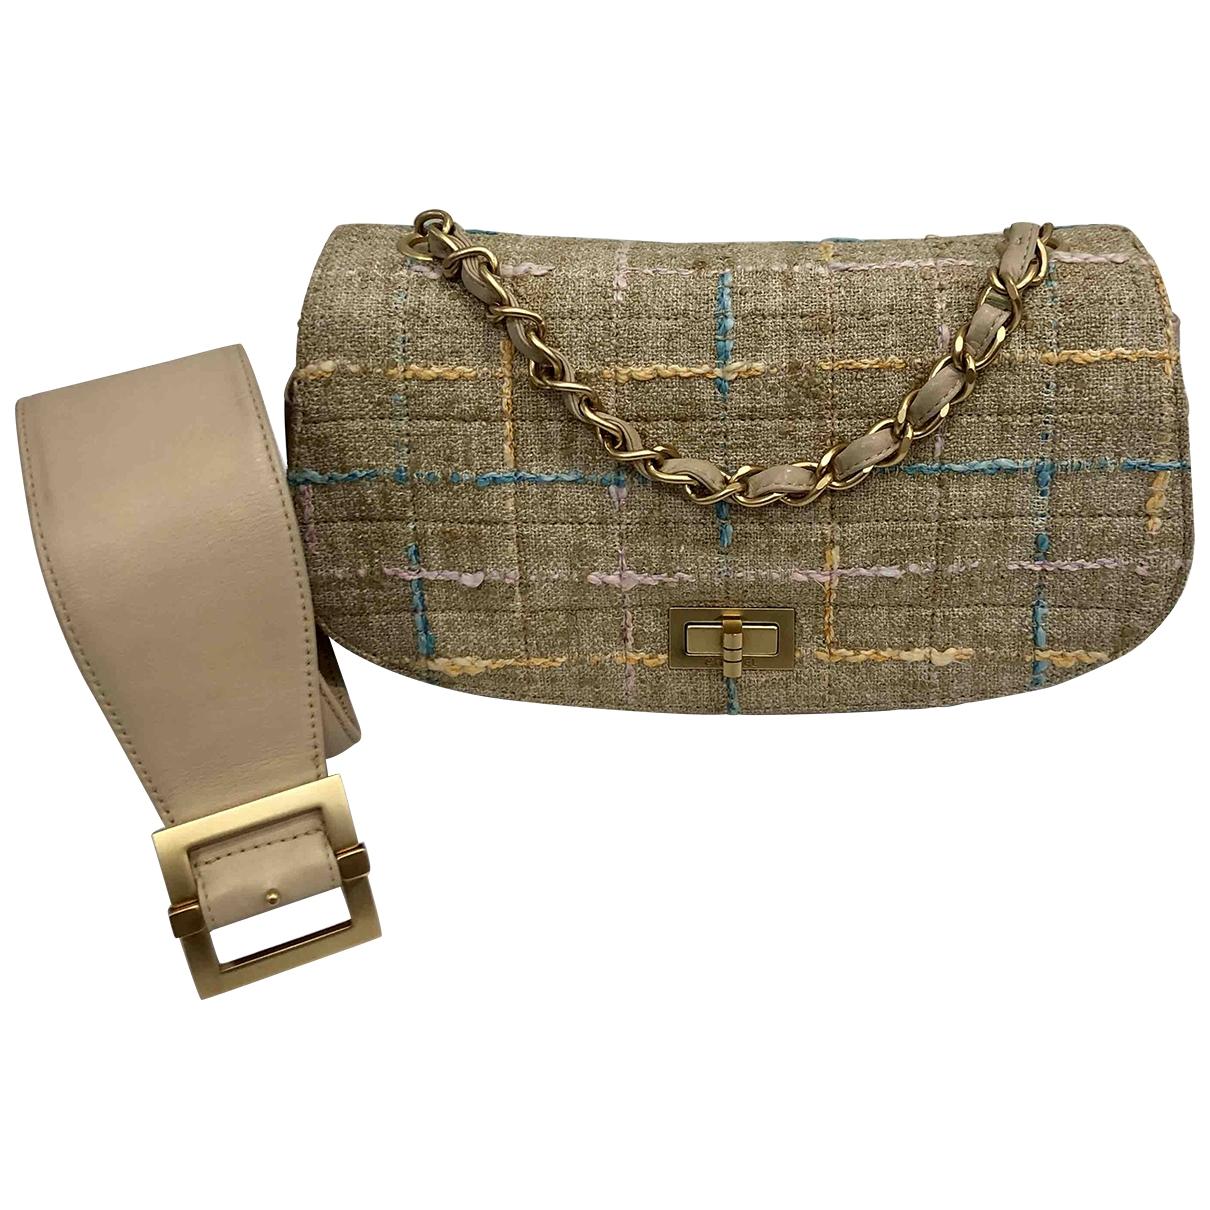 Chanel \N Beige Tweed handbag for Women \N